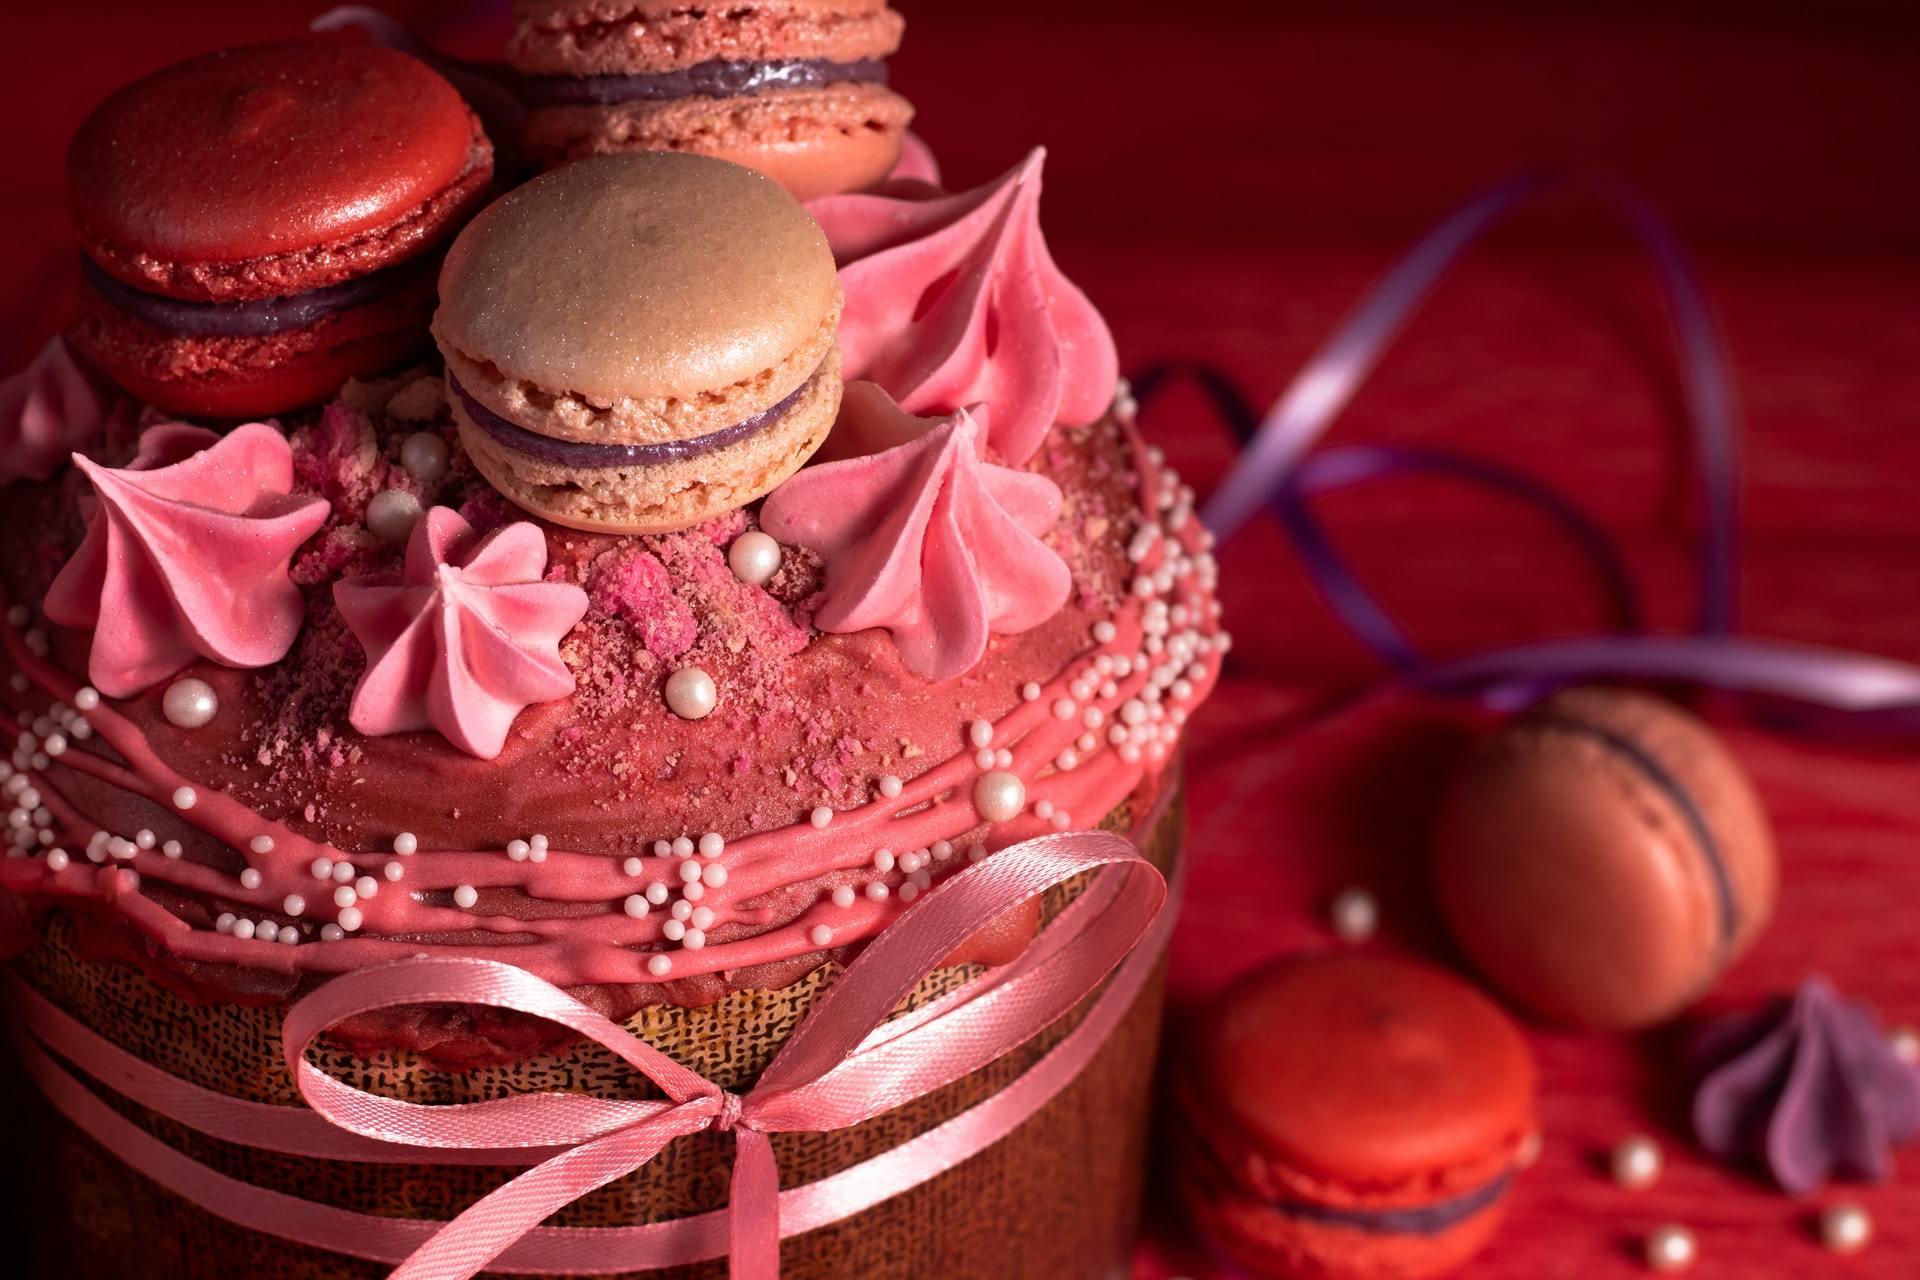 マカロンがのったピンクのケーキ